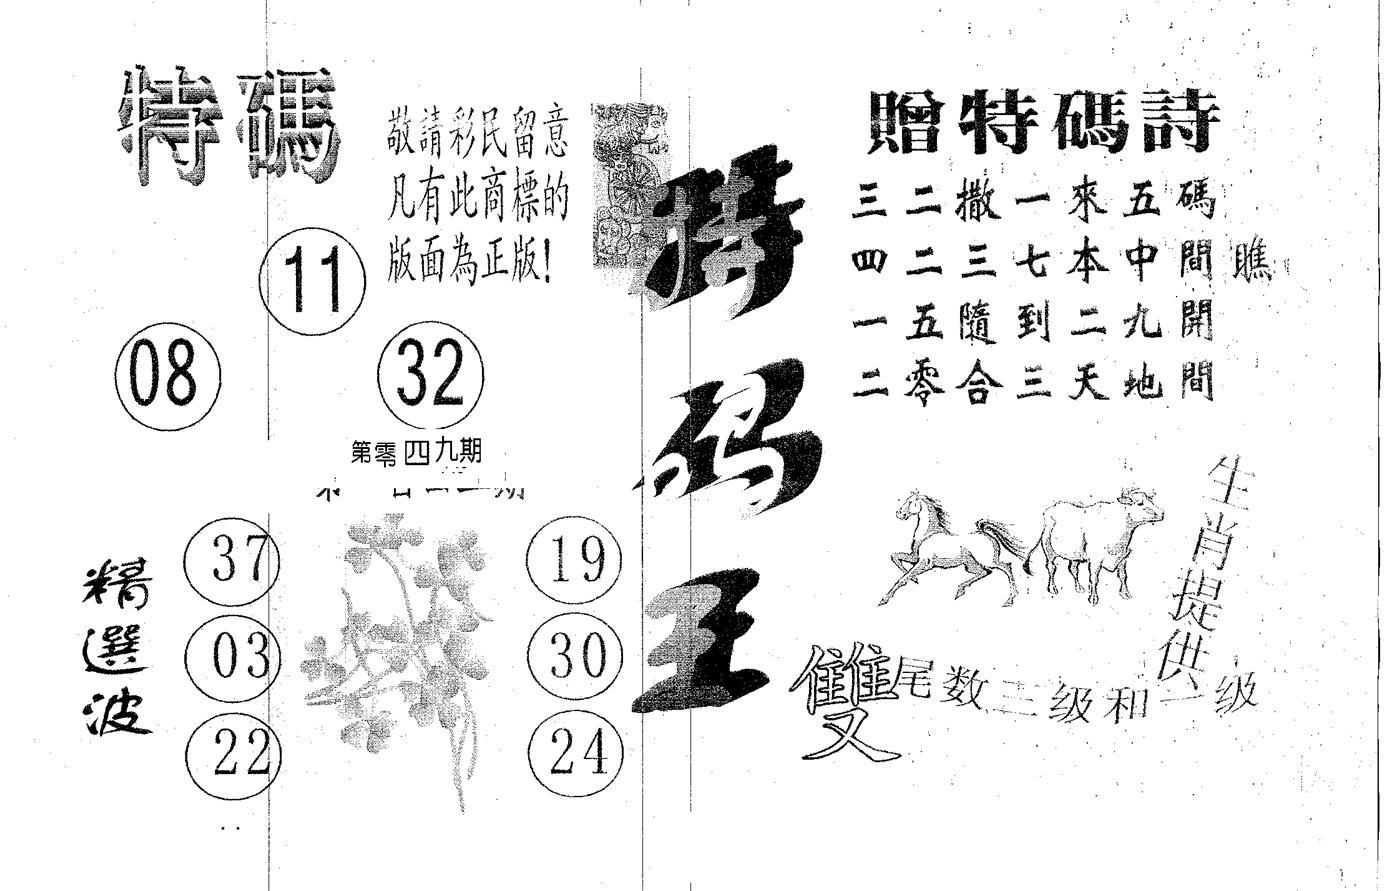 049期特码王A(黑白)